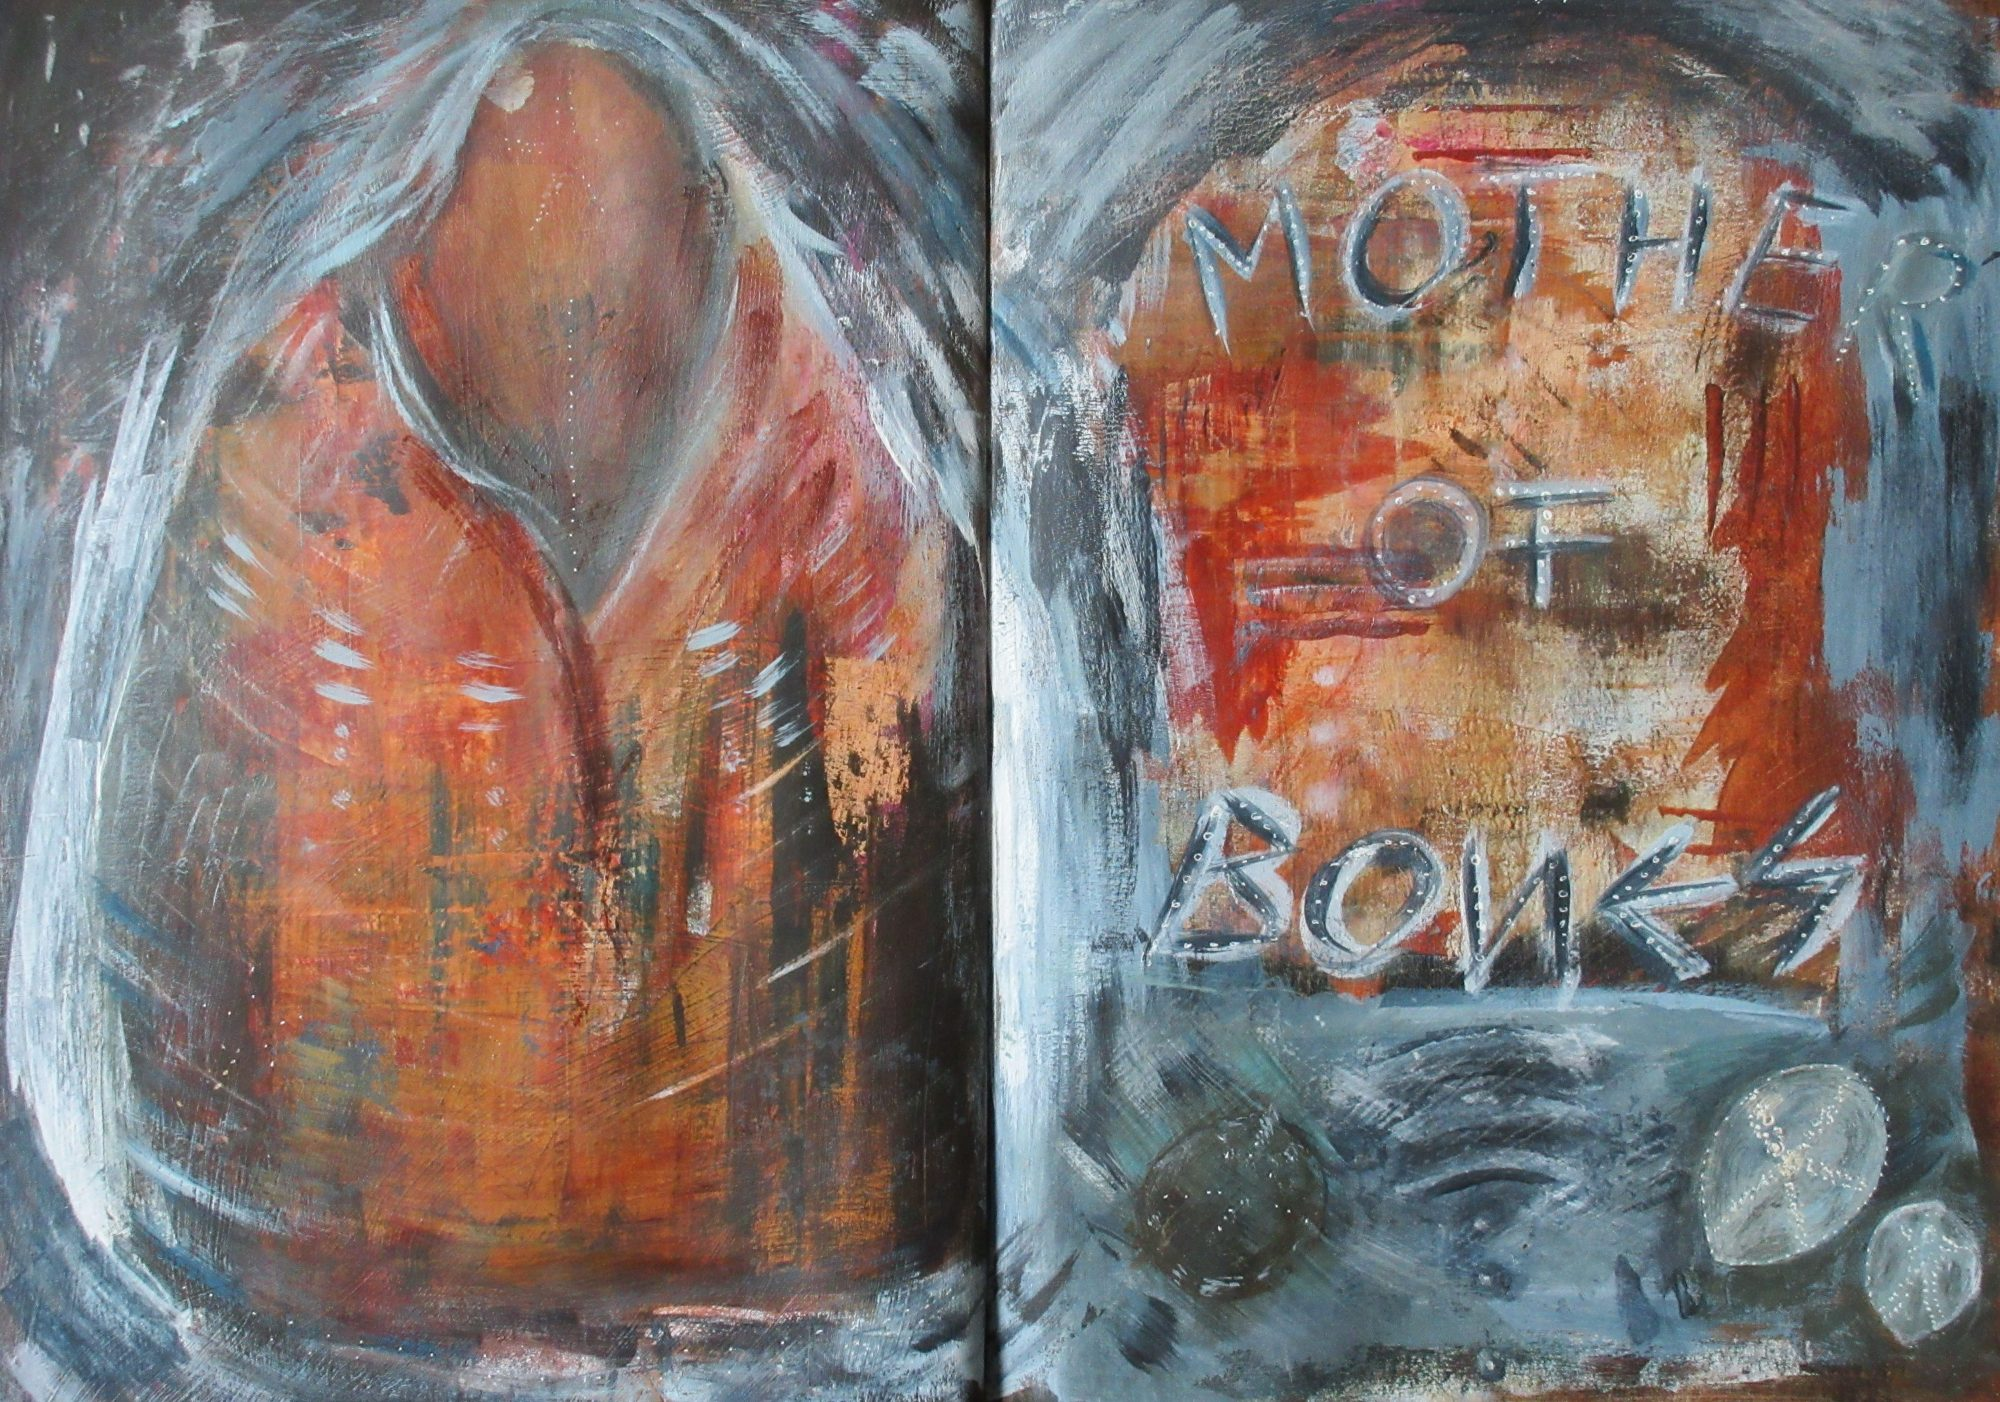 Mother of Bones by Maria Strutz